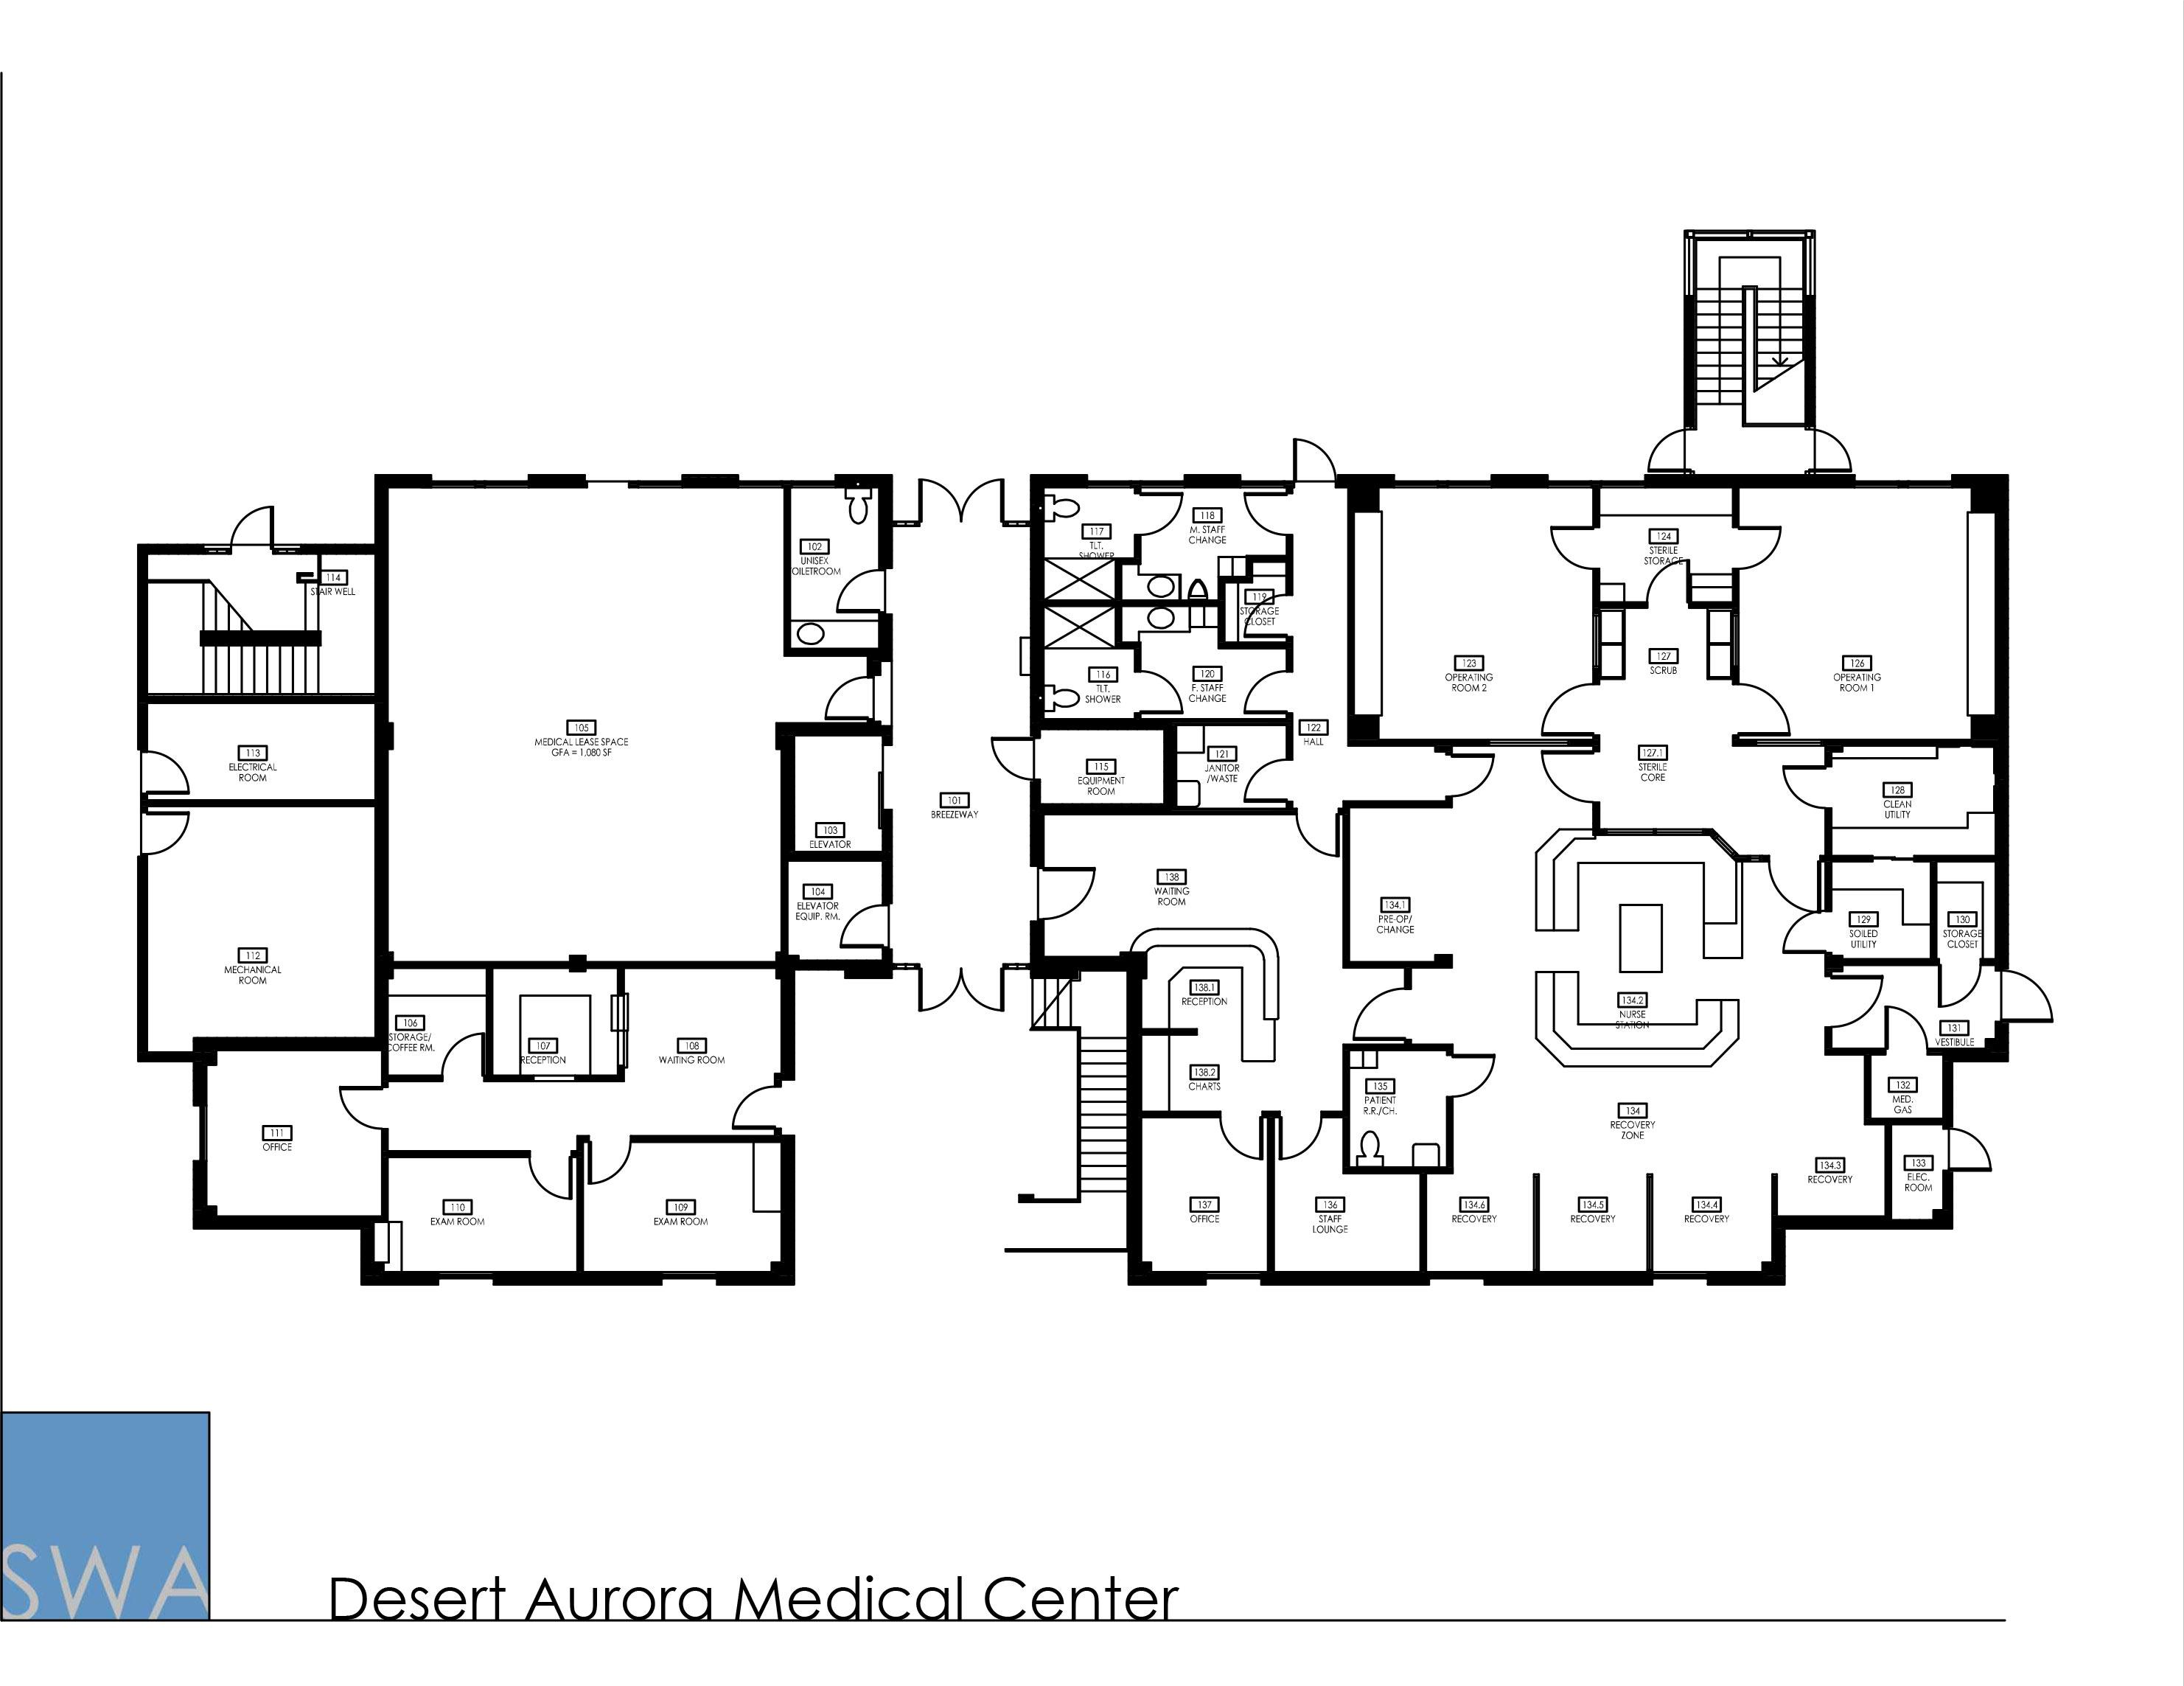 Desert Aurora Medical Center